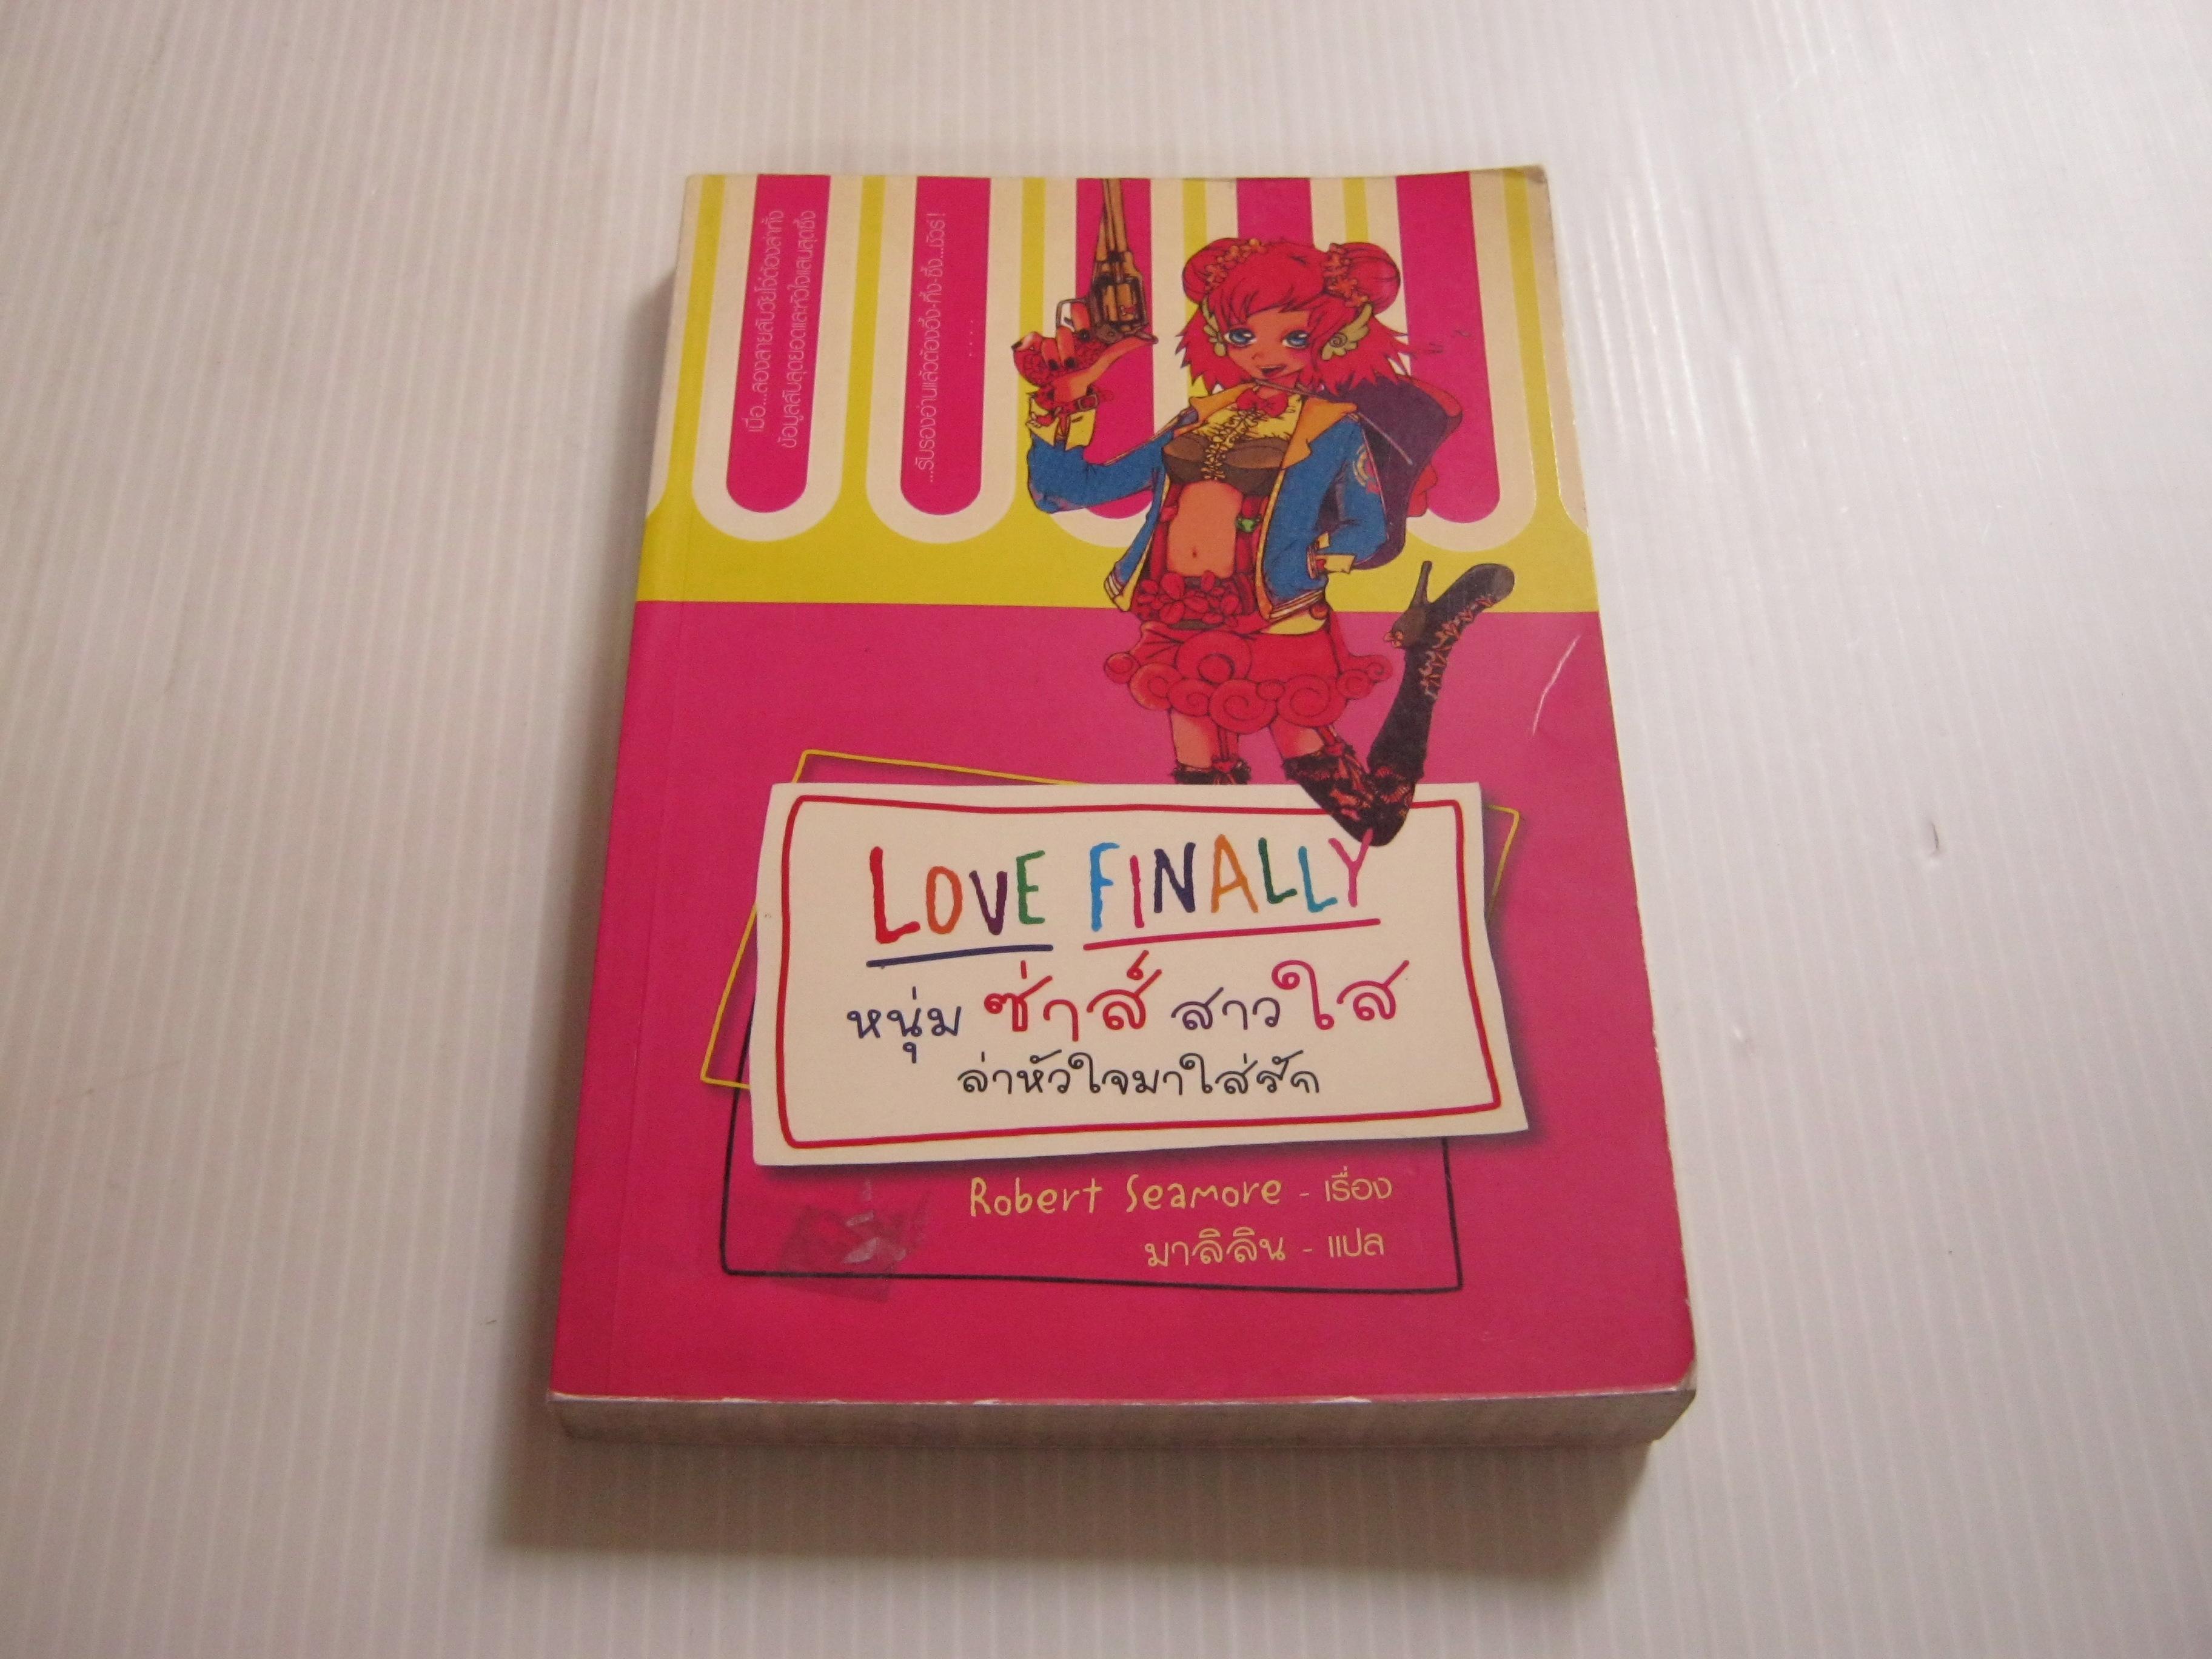 หนุ่มซ่าส์ สาวใส ล่าหัวใจมาใส่รัก (Love Finally) Robert Seamore เขียน มาลิลิน แปล